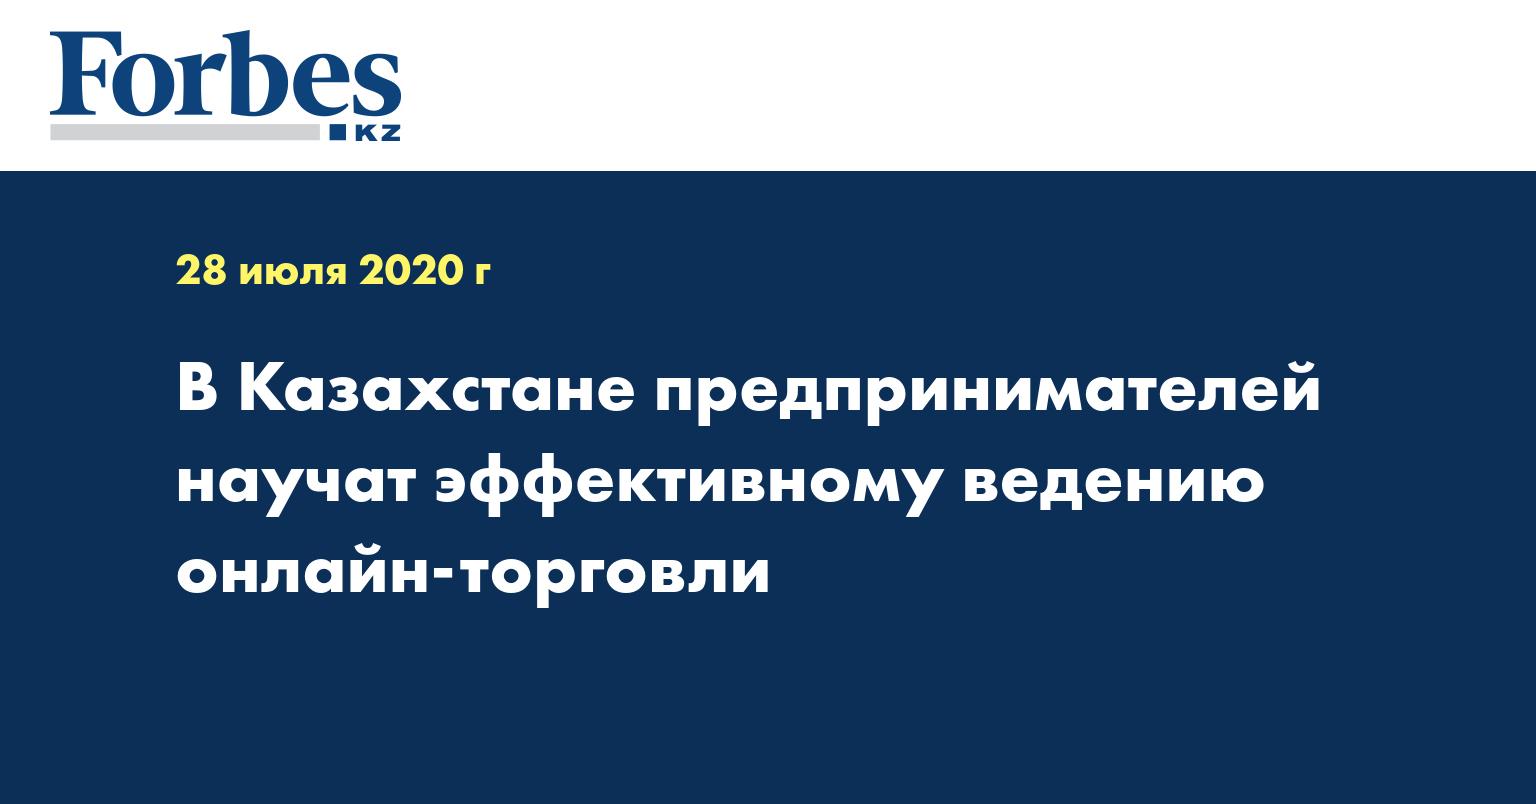 В Казахстане предпринимателей научат эффективному ведению онлайн-торговли